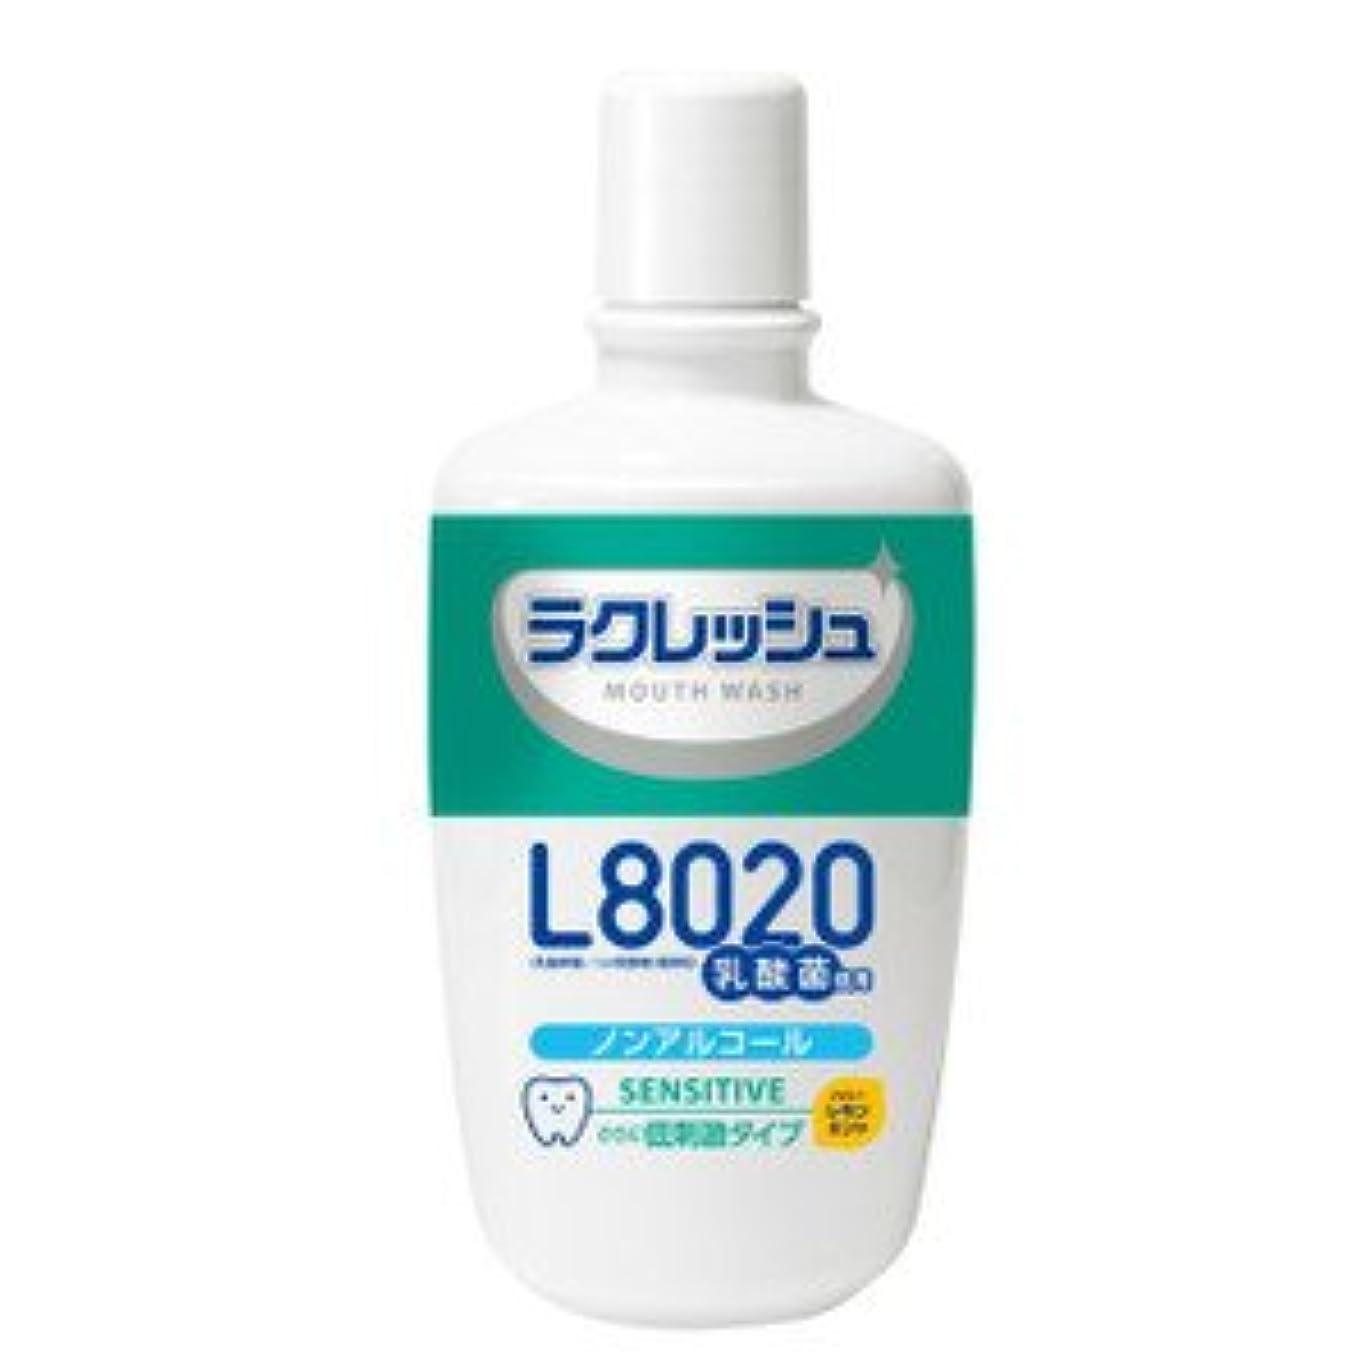 マイナー司教通訳ジェクス ラクレッシュ L8020乳酸菌 マウスウォッシュ 洗口液センシティブタイプ 300ml×10個セット